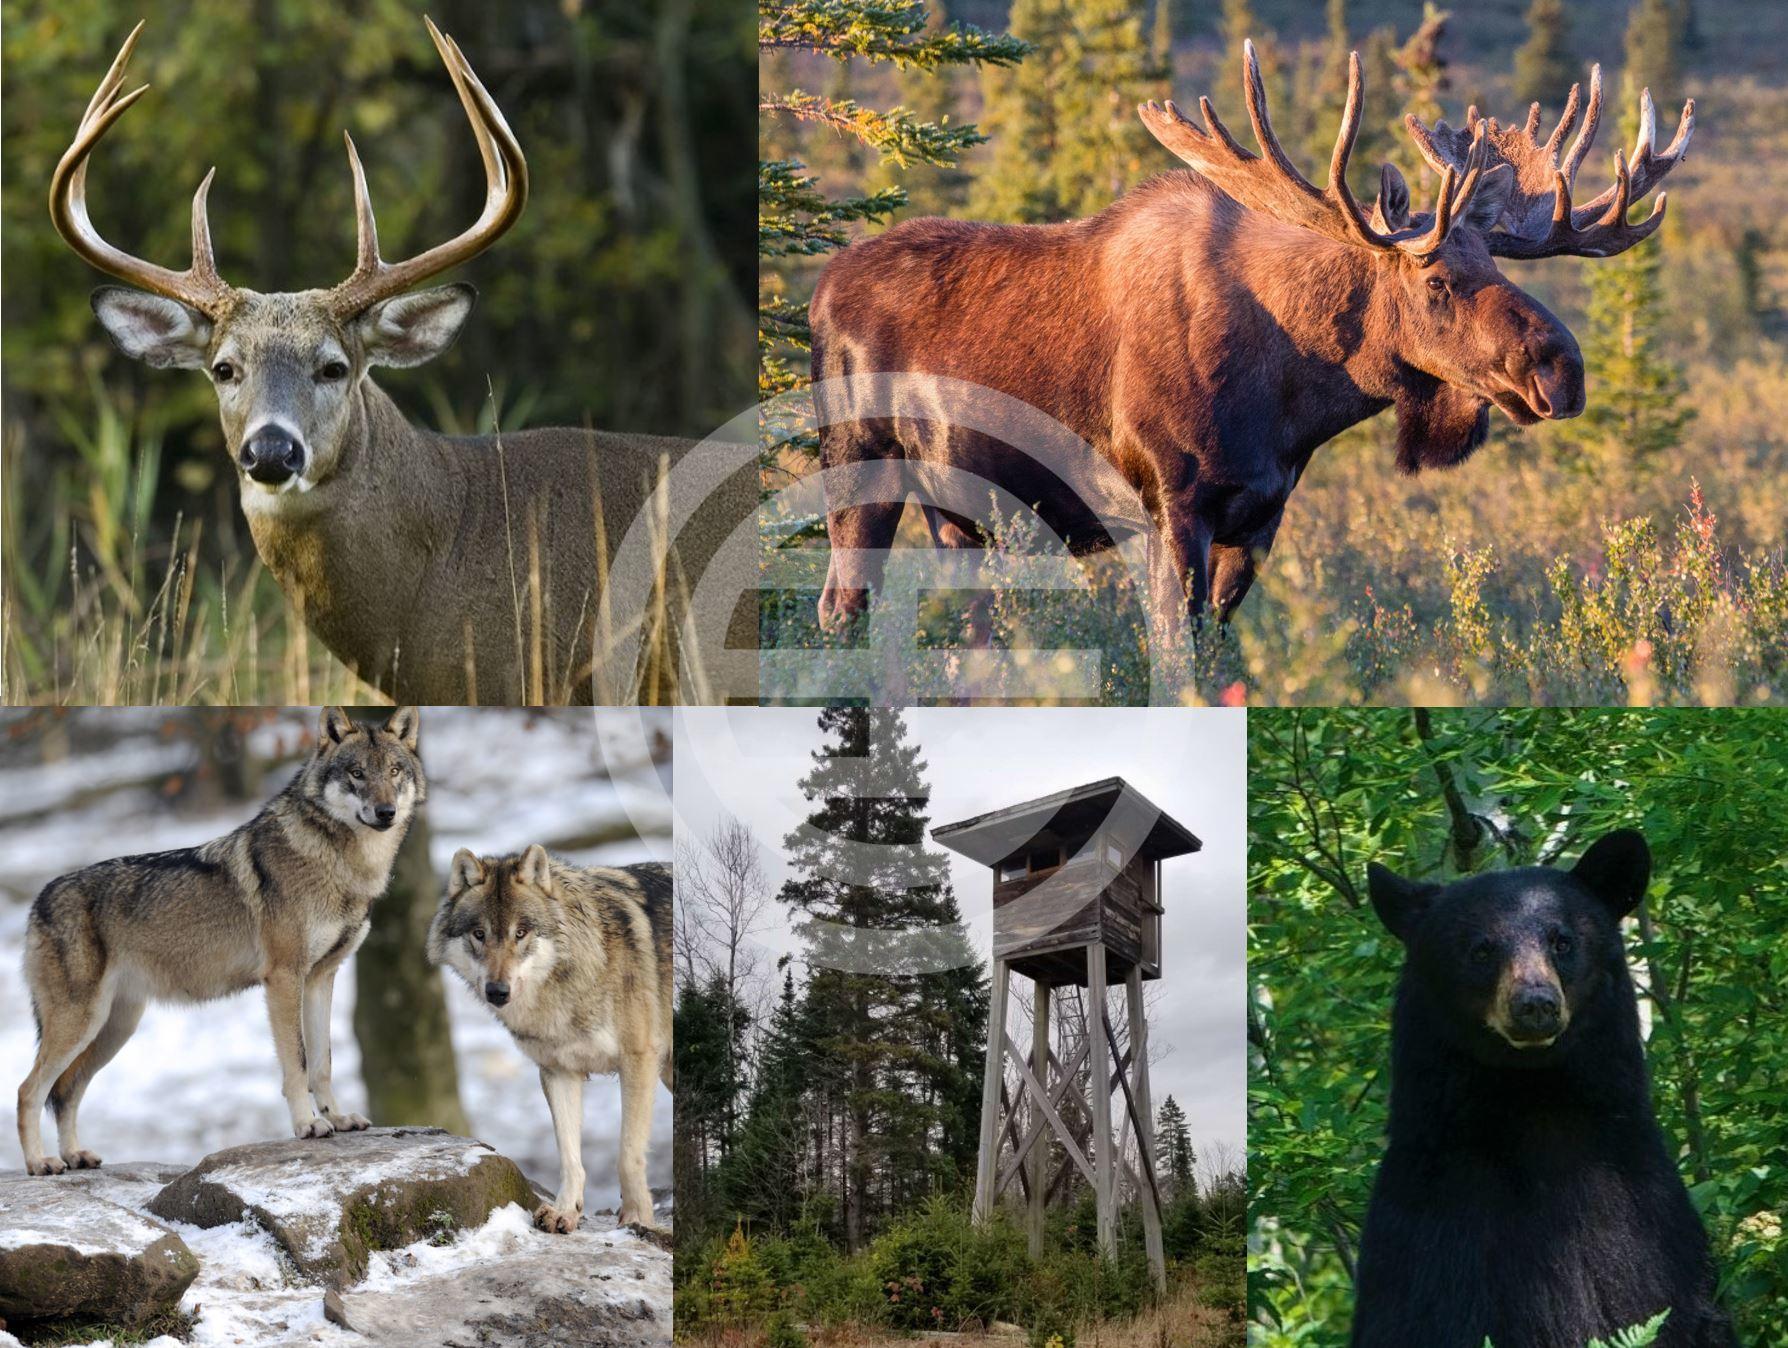 慕斯科卡森林的野生动物